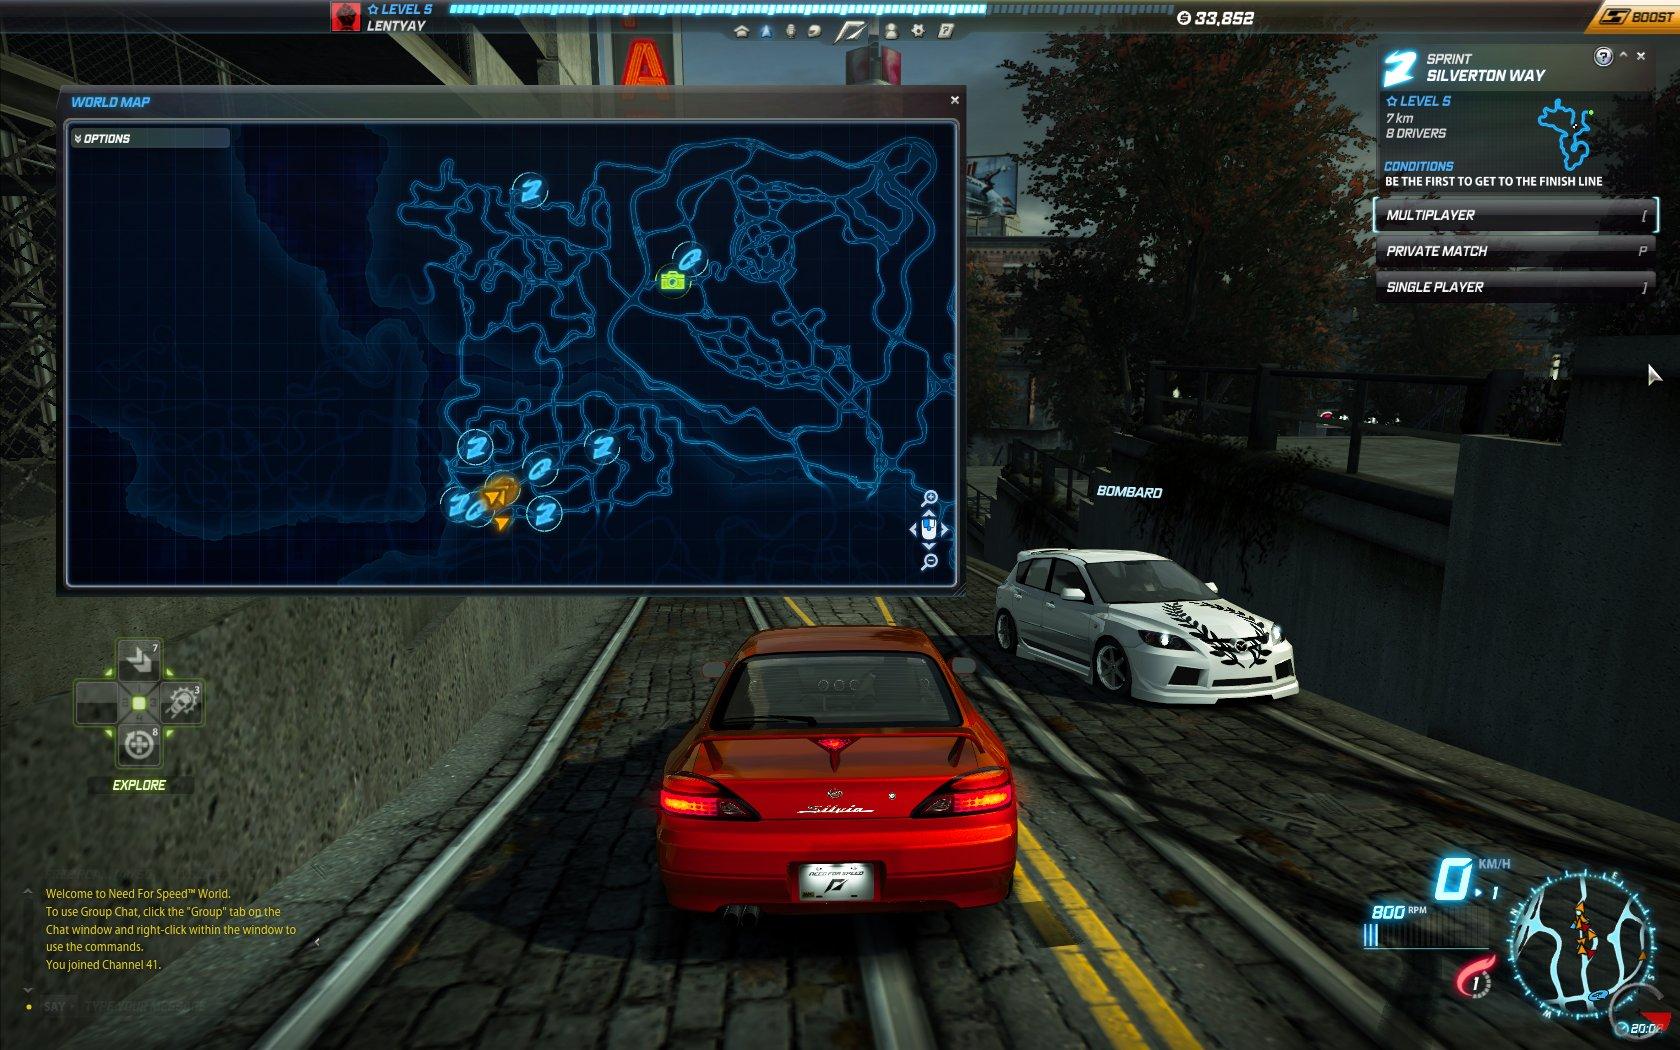 порно в игре скайрим онлайн